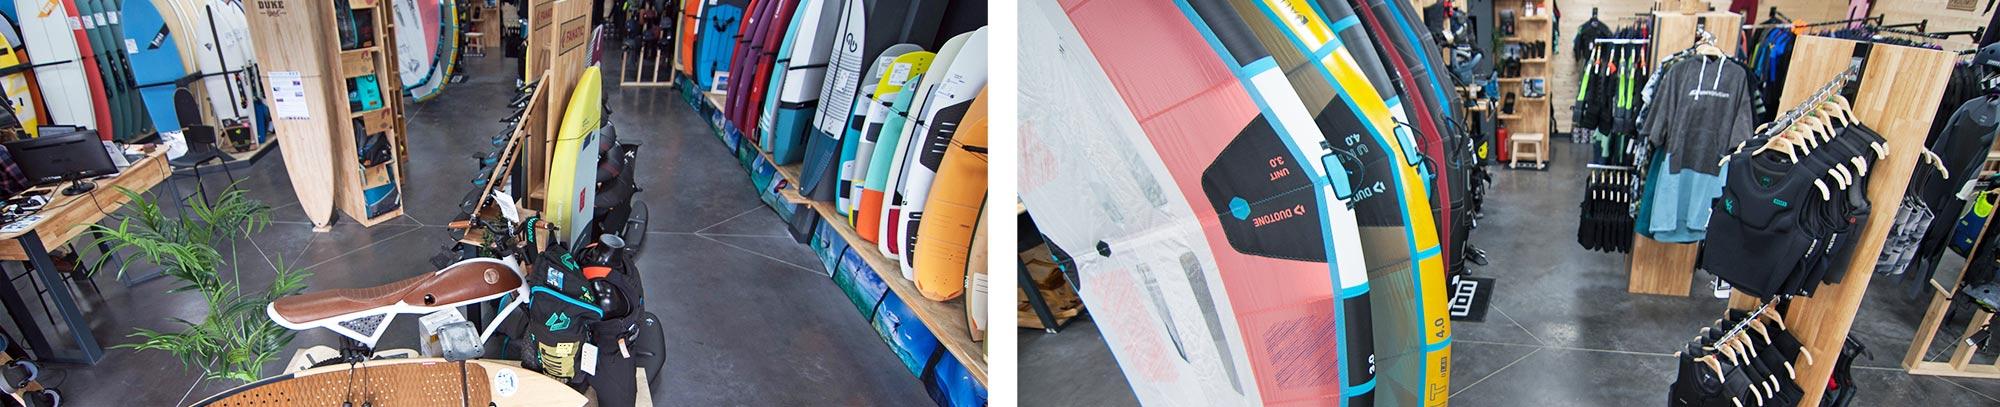 conseil guide magasin Glissevolution Le meilleur du Kite Foil Wing Wake promotio occasion Duotone Slingshot Fanatic North Kiteboarding Airush - Kiteshop surfshop - la baule / pornichet